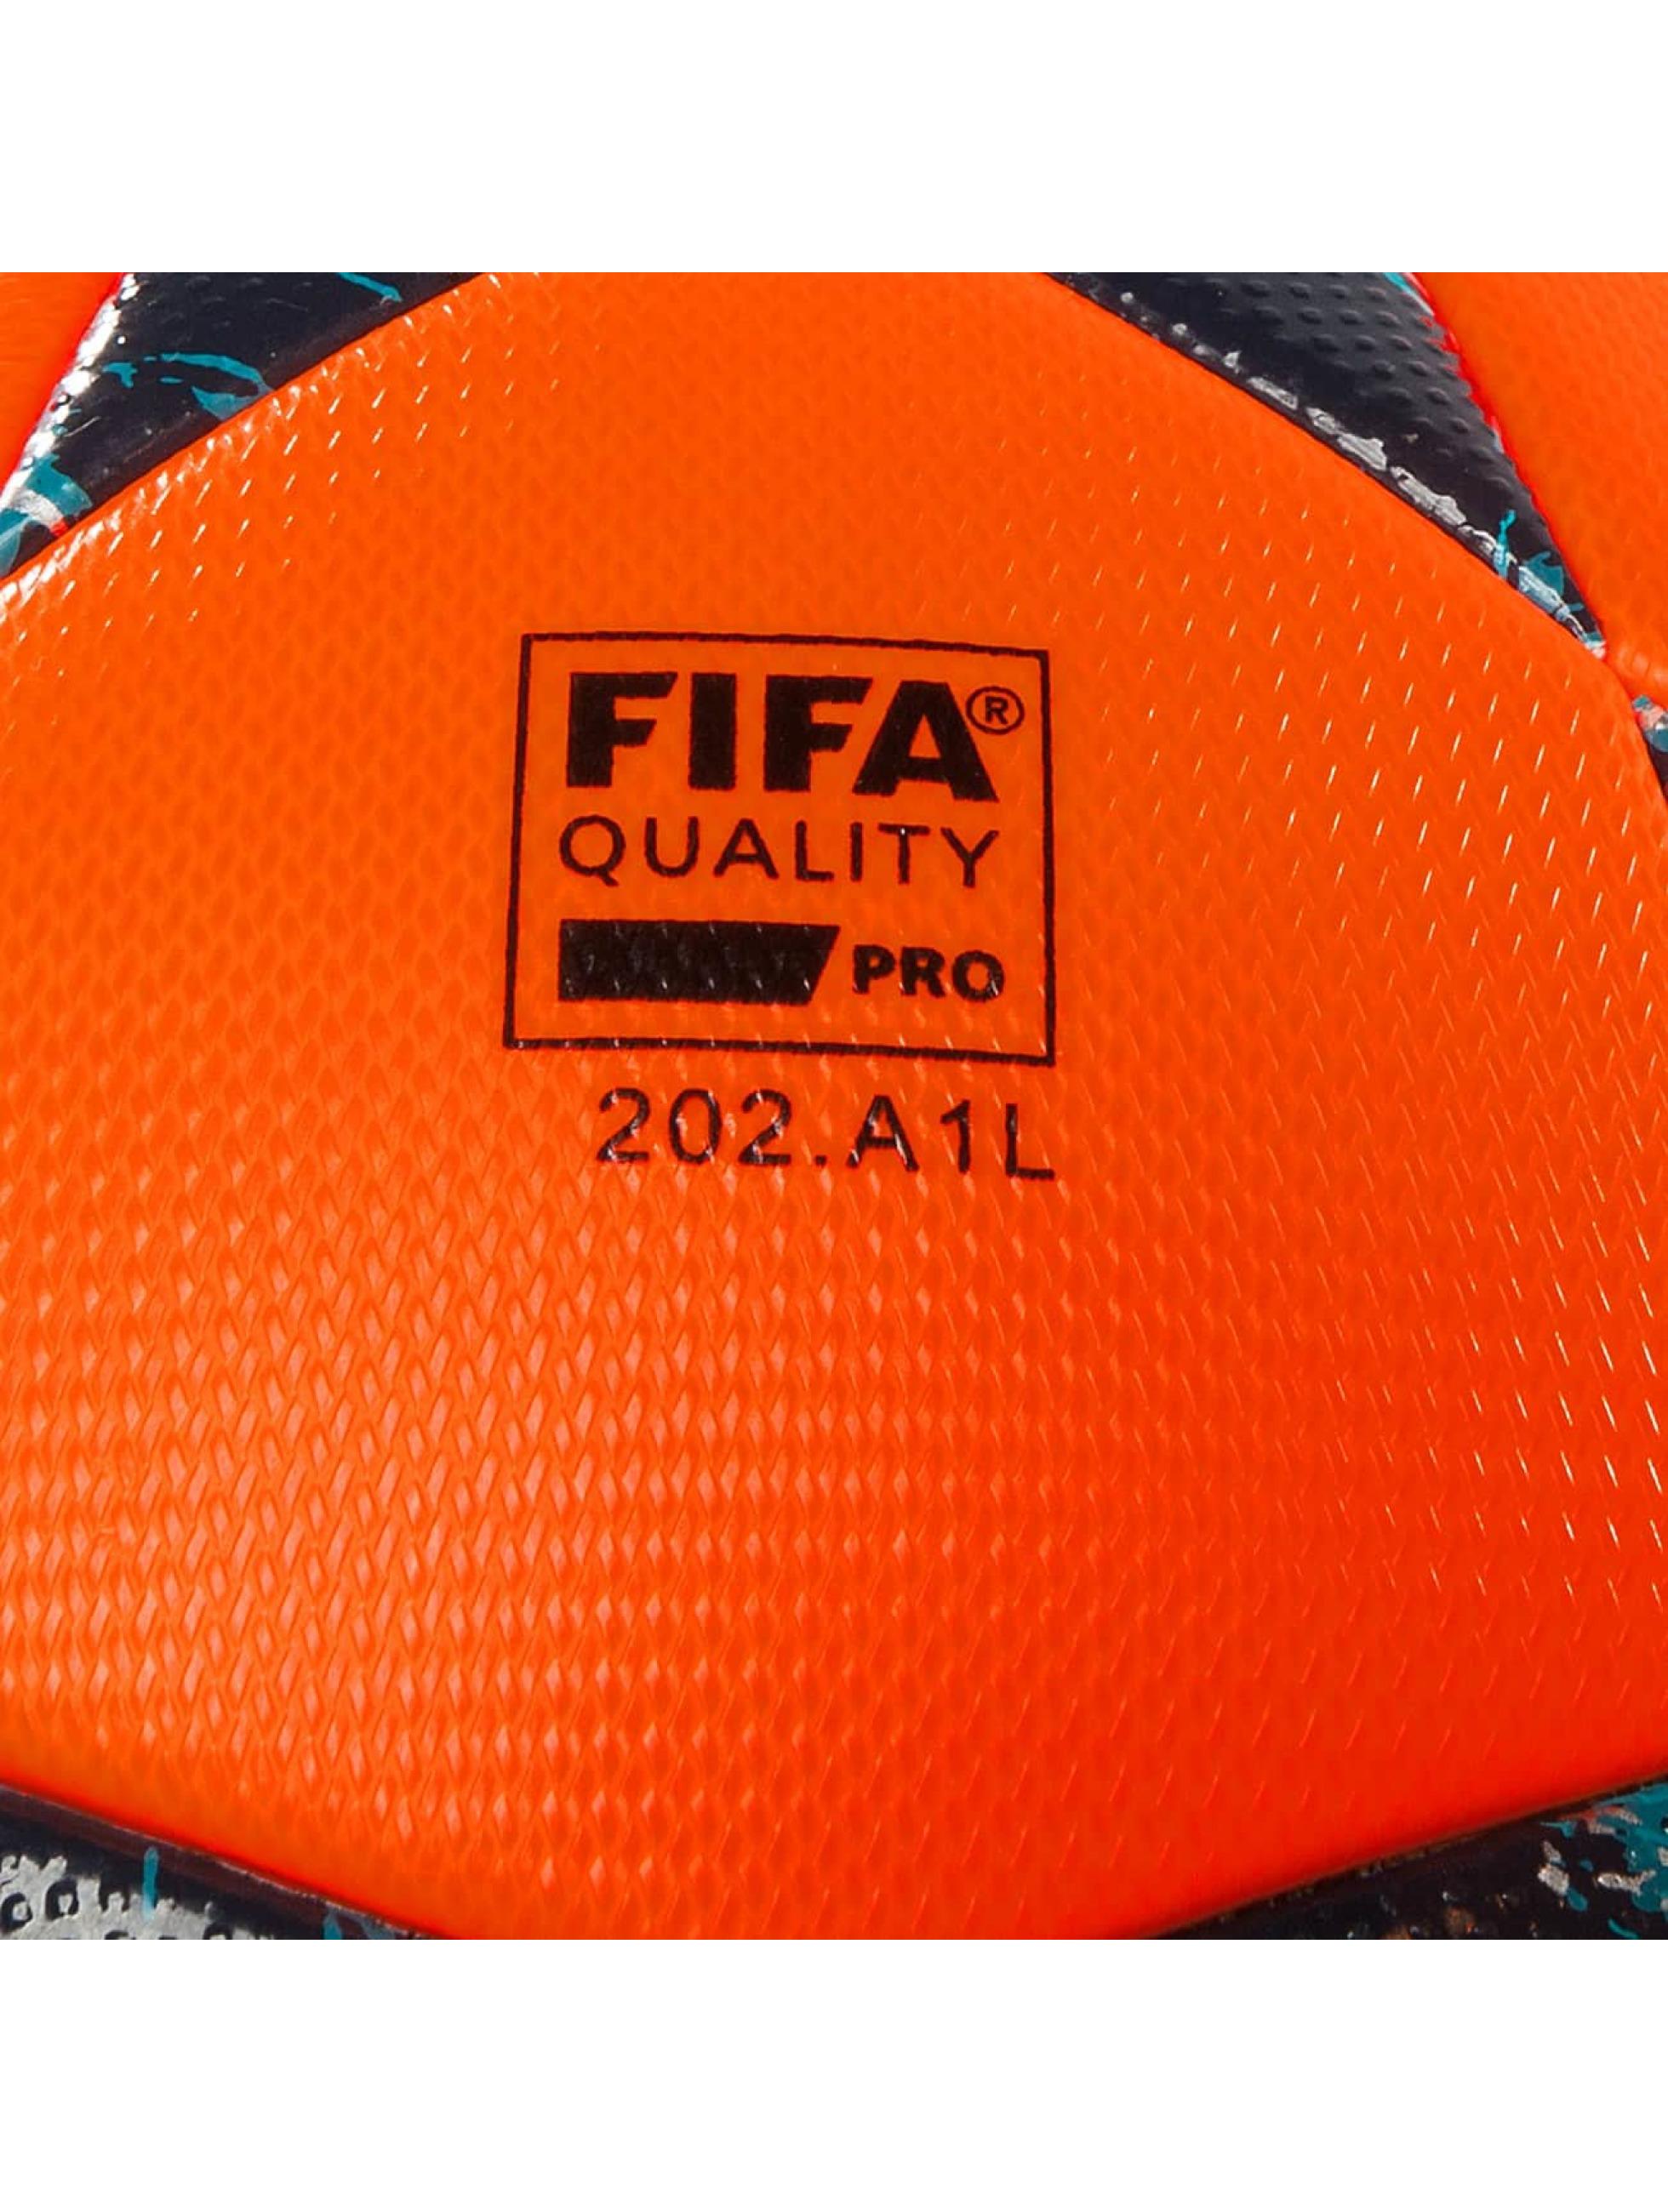 adidas Ball Final 17 Offical Match orange